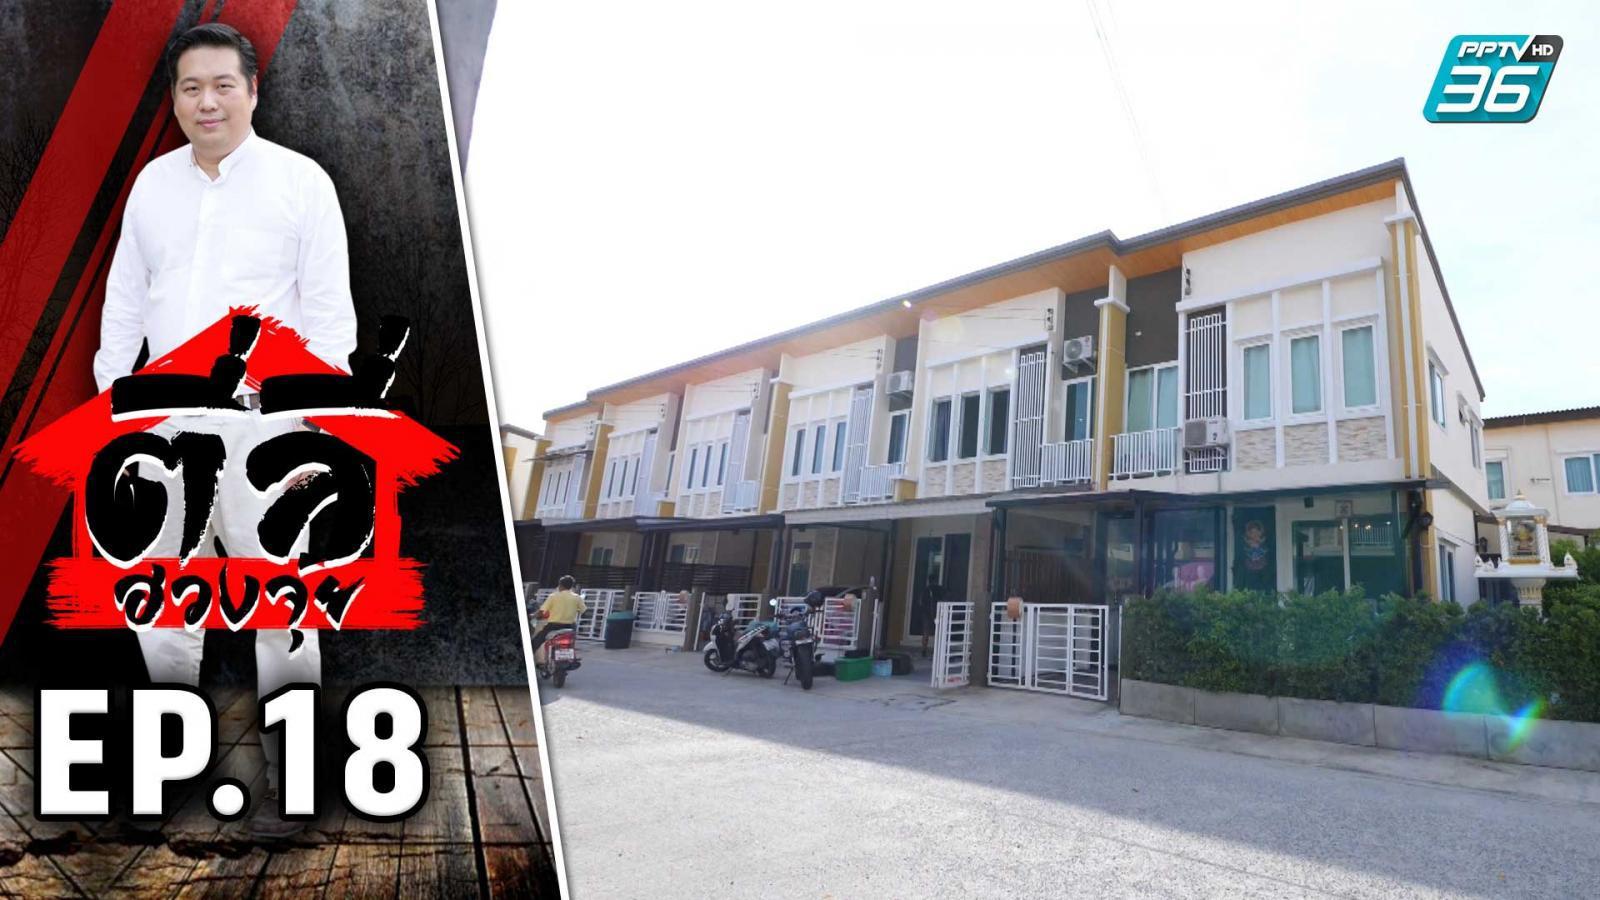 ตี่ลี่ฮวงจุ้ย | ตอน บ้านหลังเดียวโดด ๆ ผิดหรือไม่?  EP.18 | PPTV HD 36